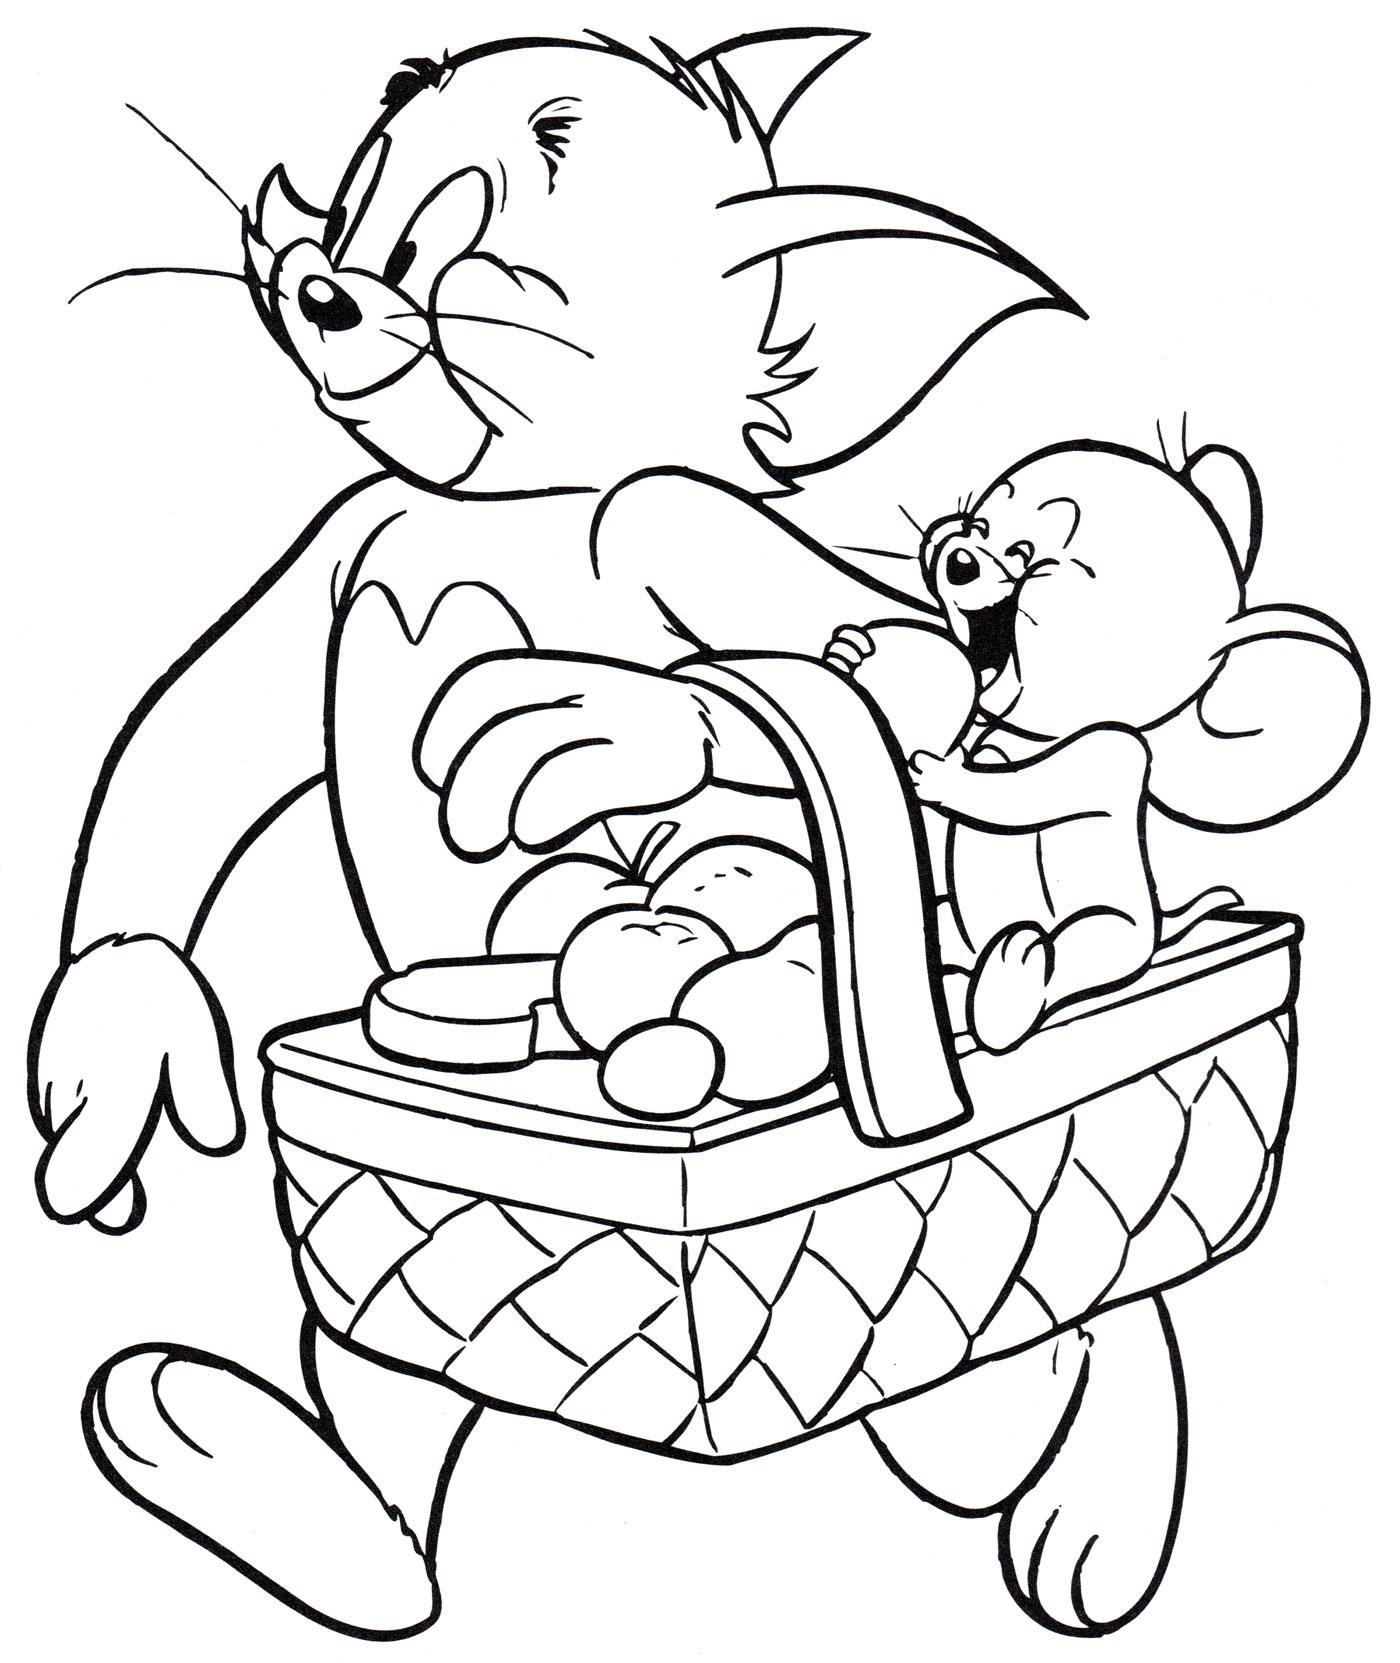 Раскраска Том и Джерри идут на пикник | Раскраски Том и Джерри